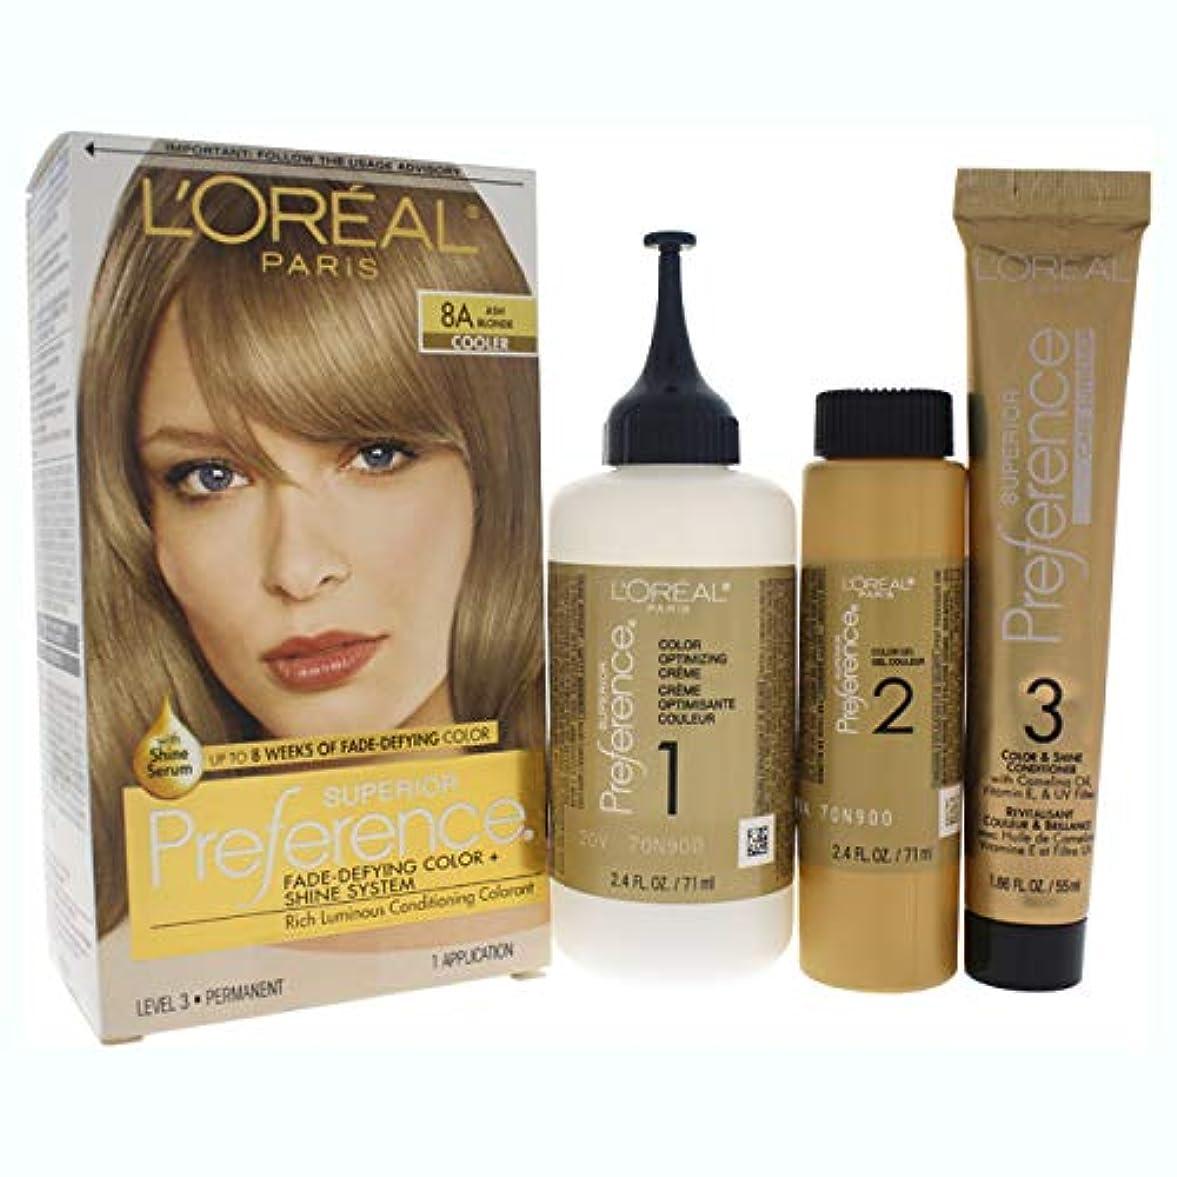 ファイターではごきげんよう戦略L'Oreal Paris 県Haircol 8Aサイズ1CTロレアルプリファレンスヘアカラーアッシュブロンド#8(a)